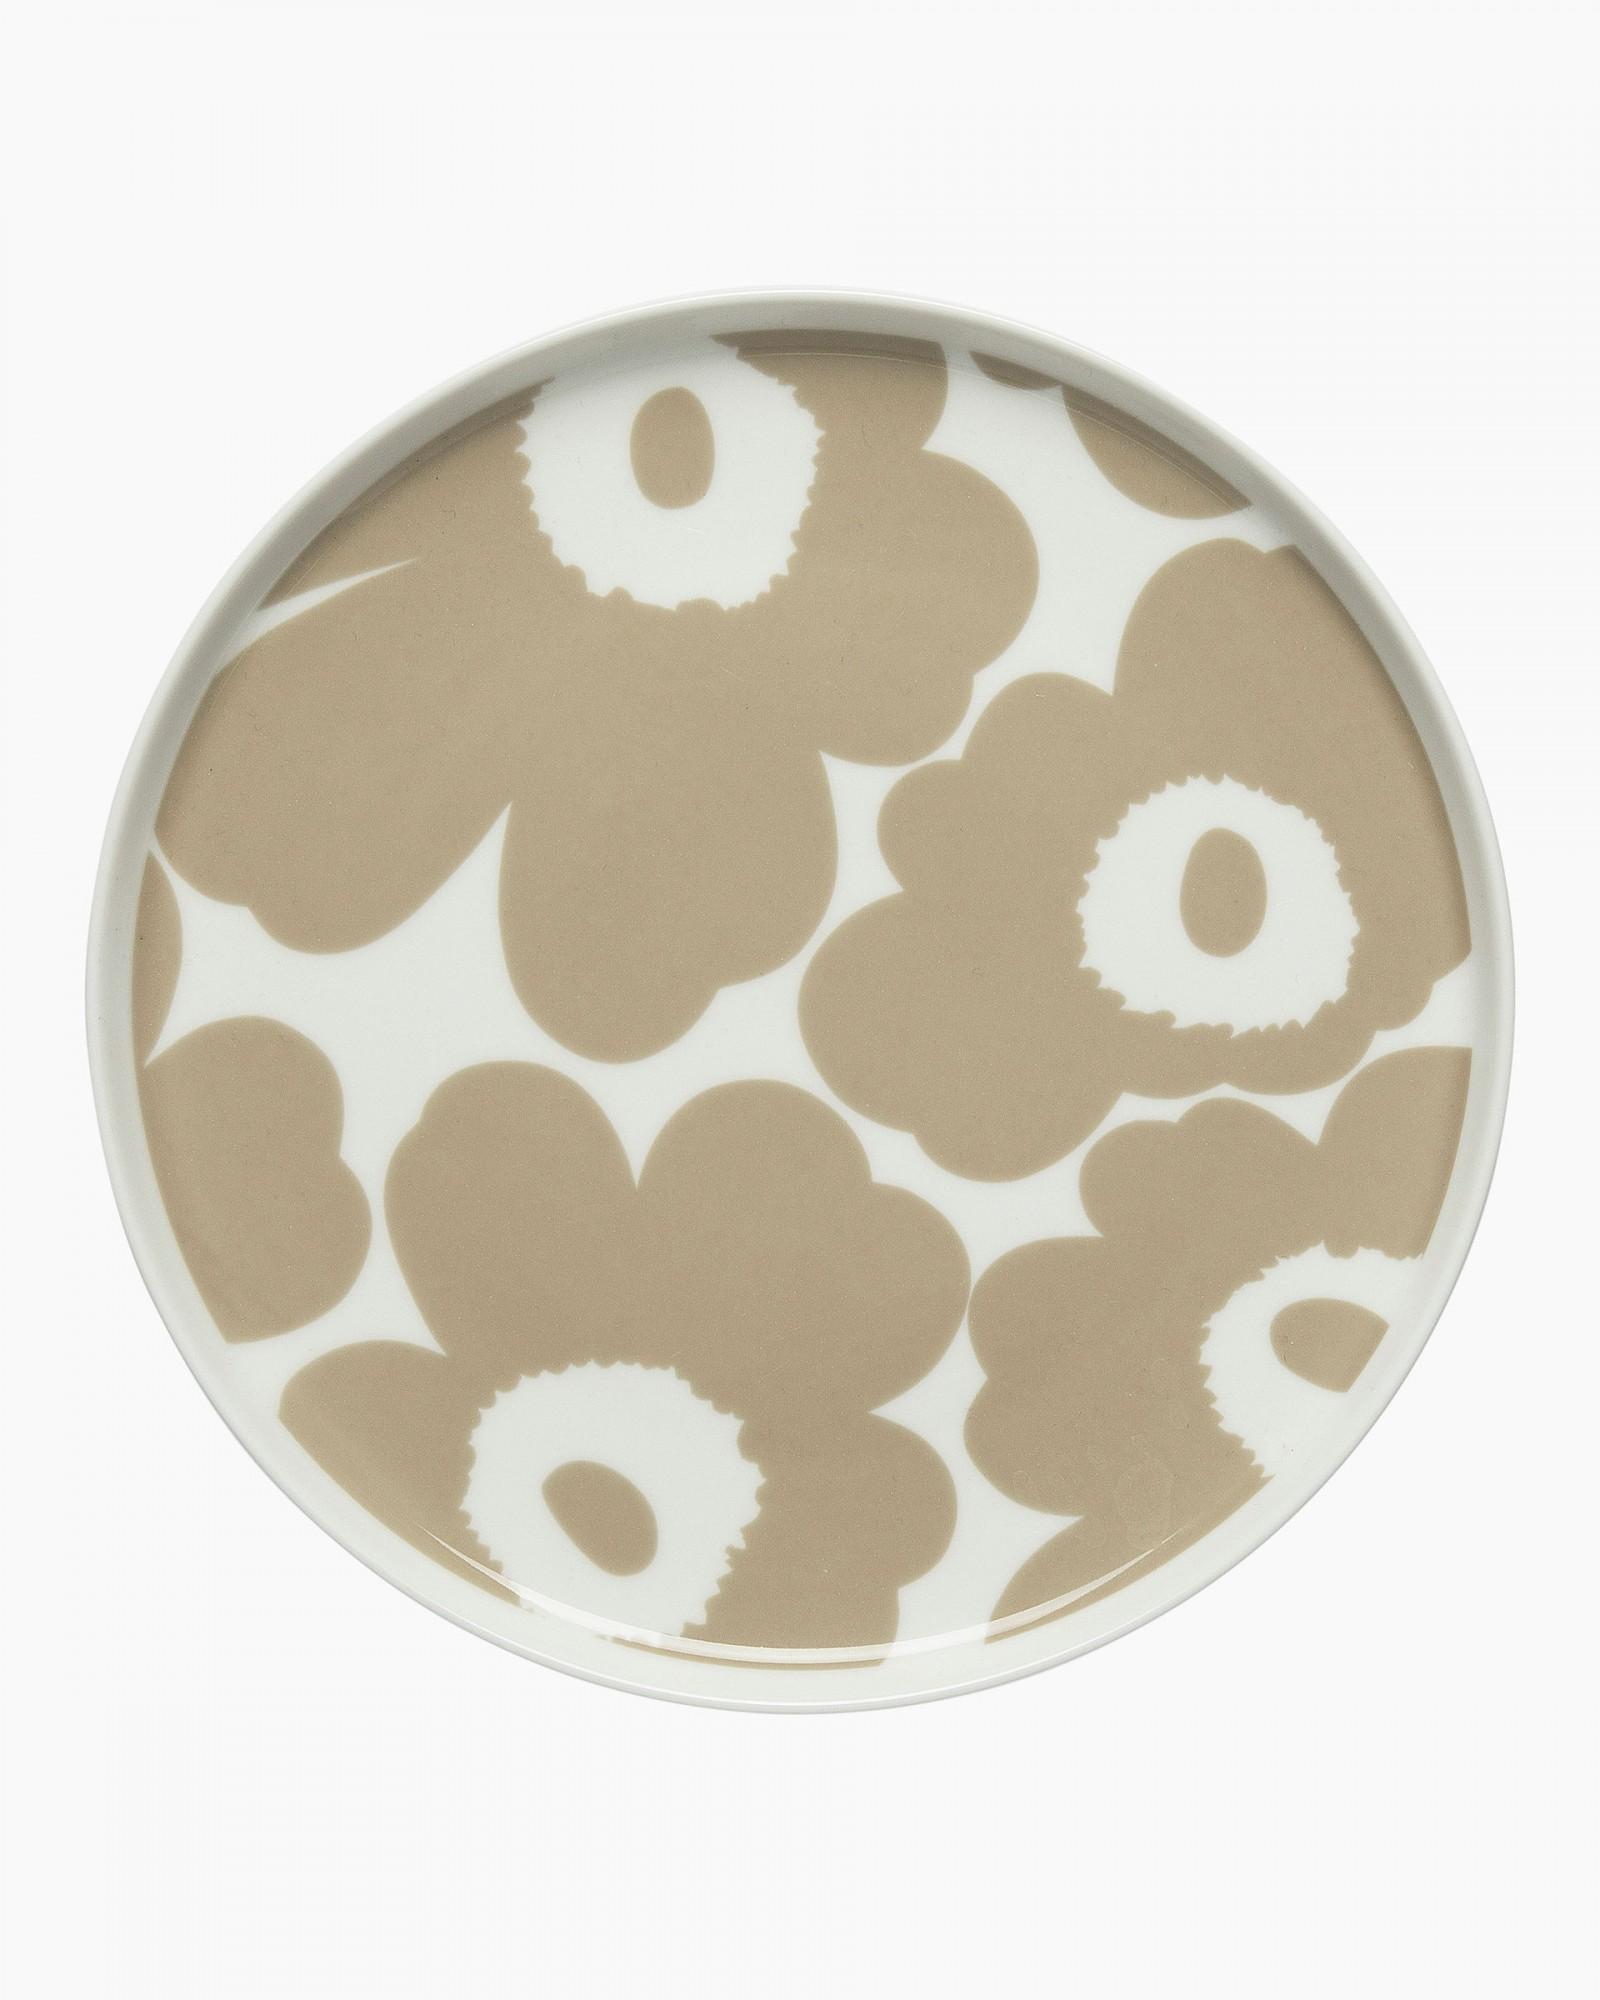 Oiva/Unikko plate 20cm white/ beige